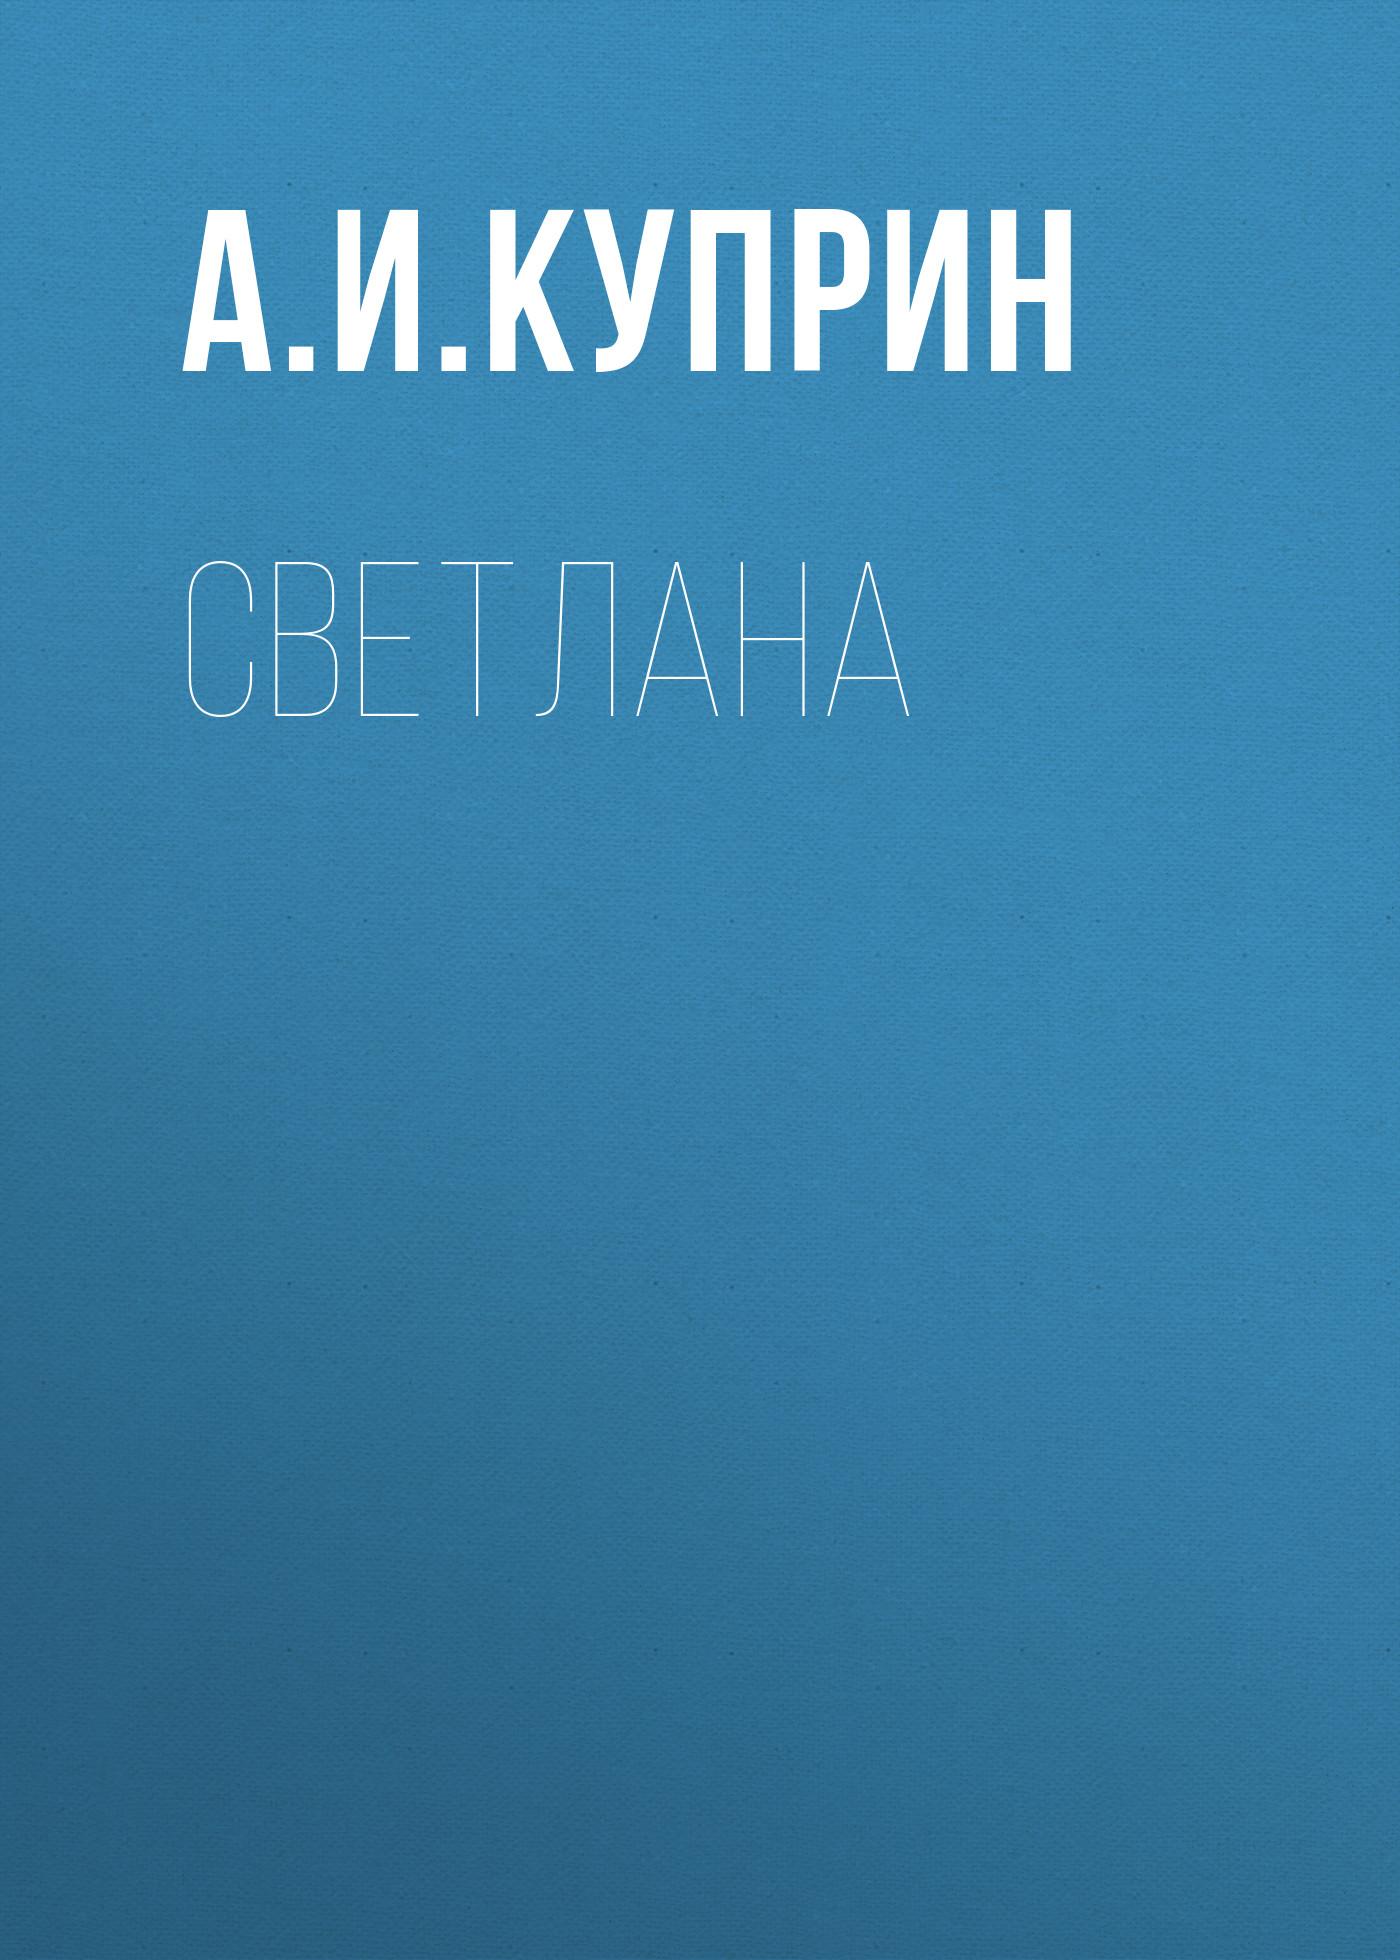 Александр Куприн Сетлана